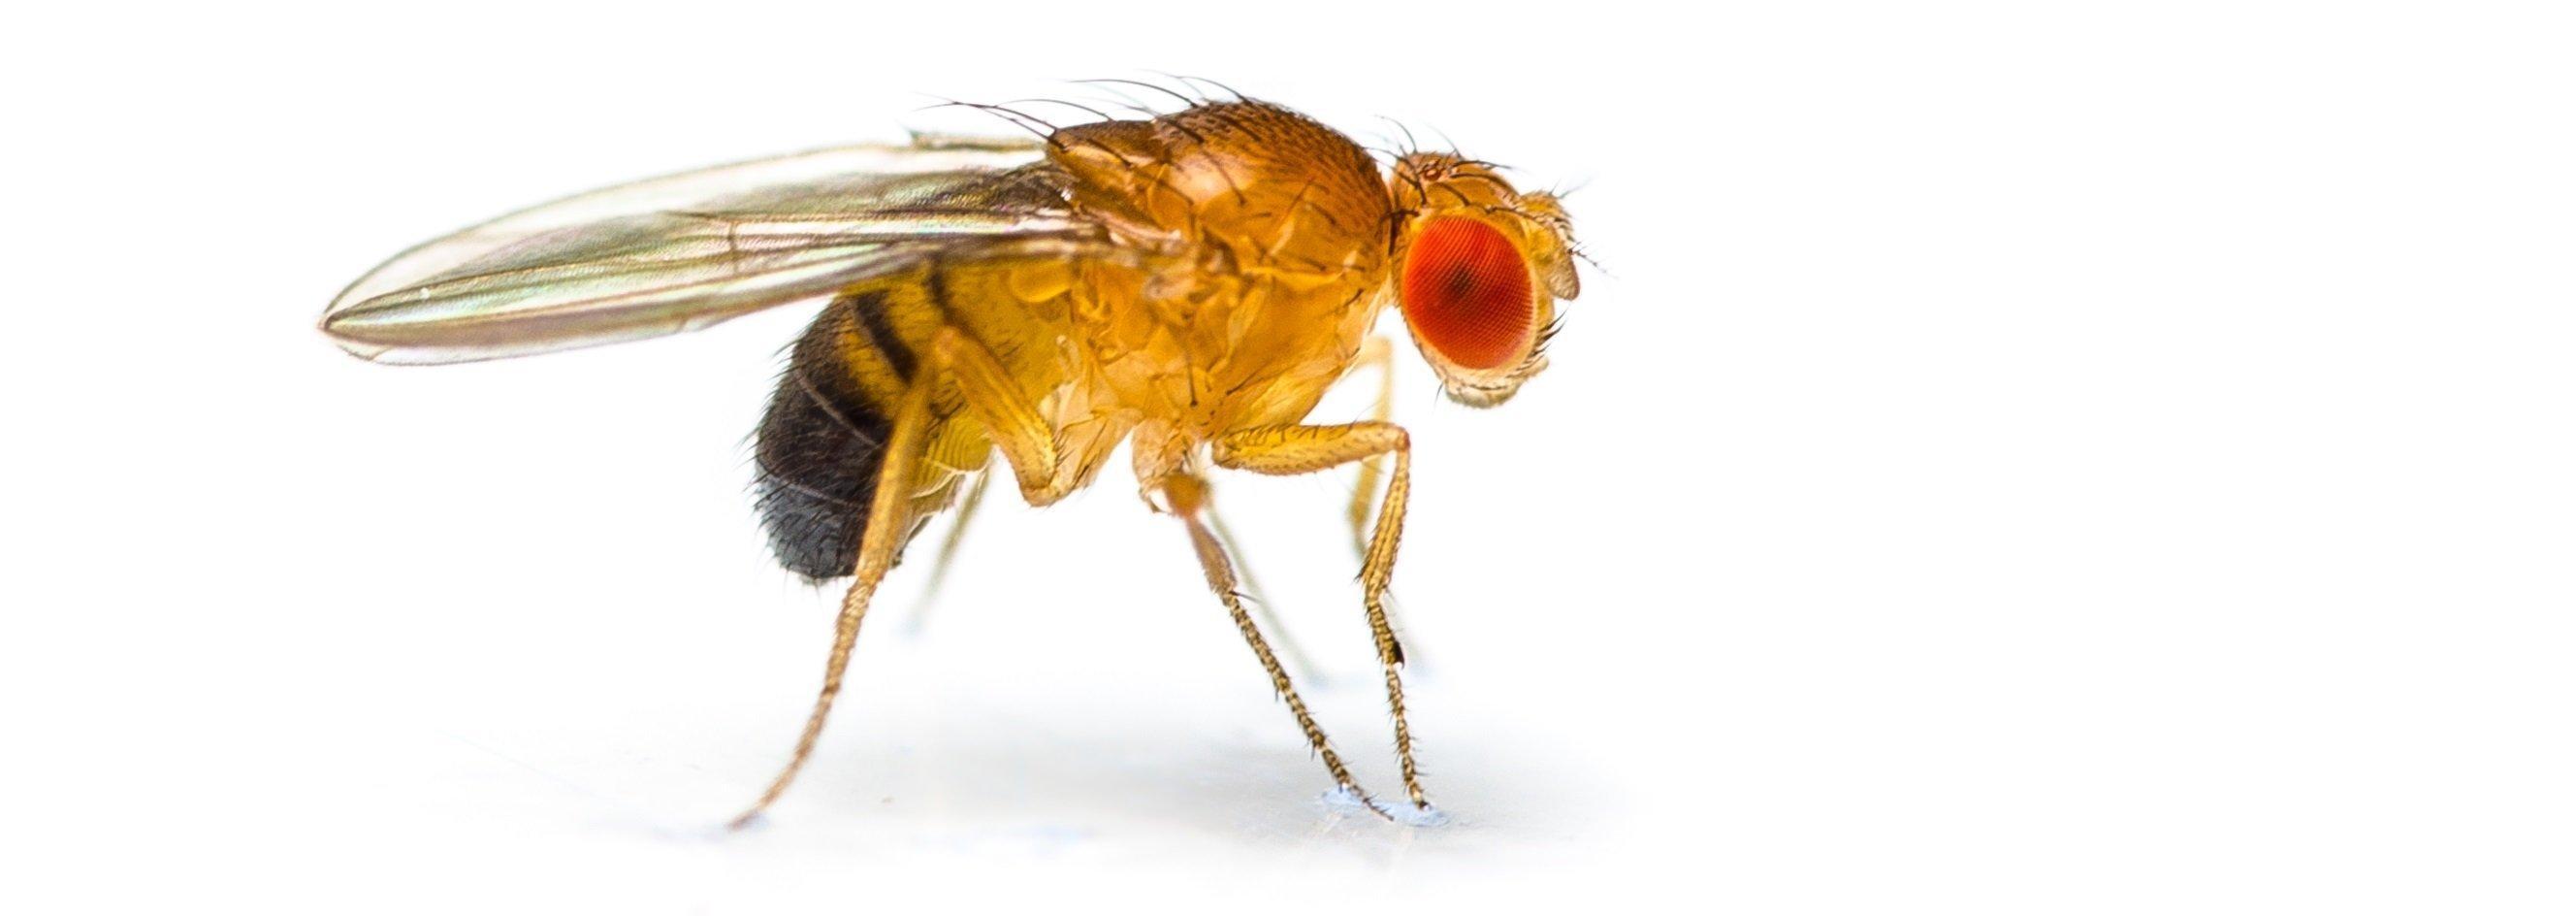 Eine rotäugige Fruchtfliege Drosophila melanogaster vor weißem Hintergrund